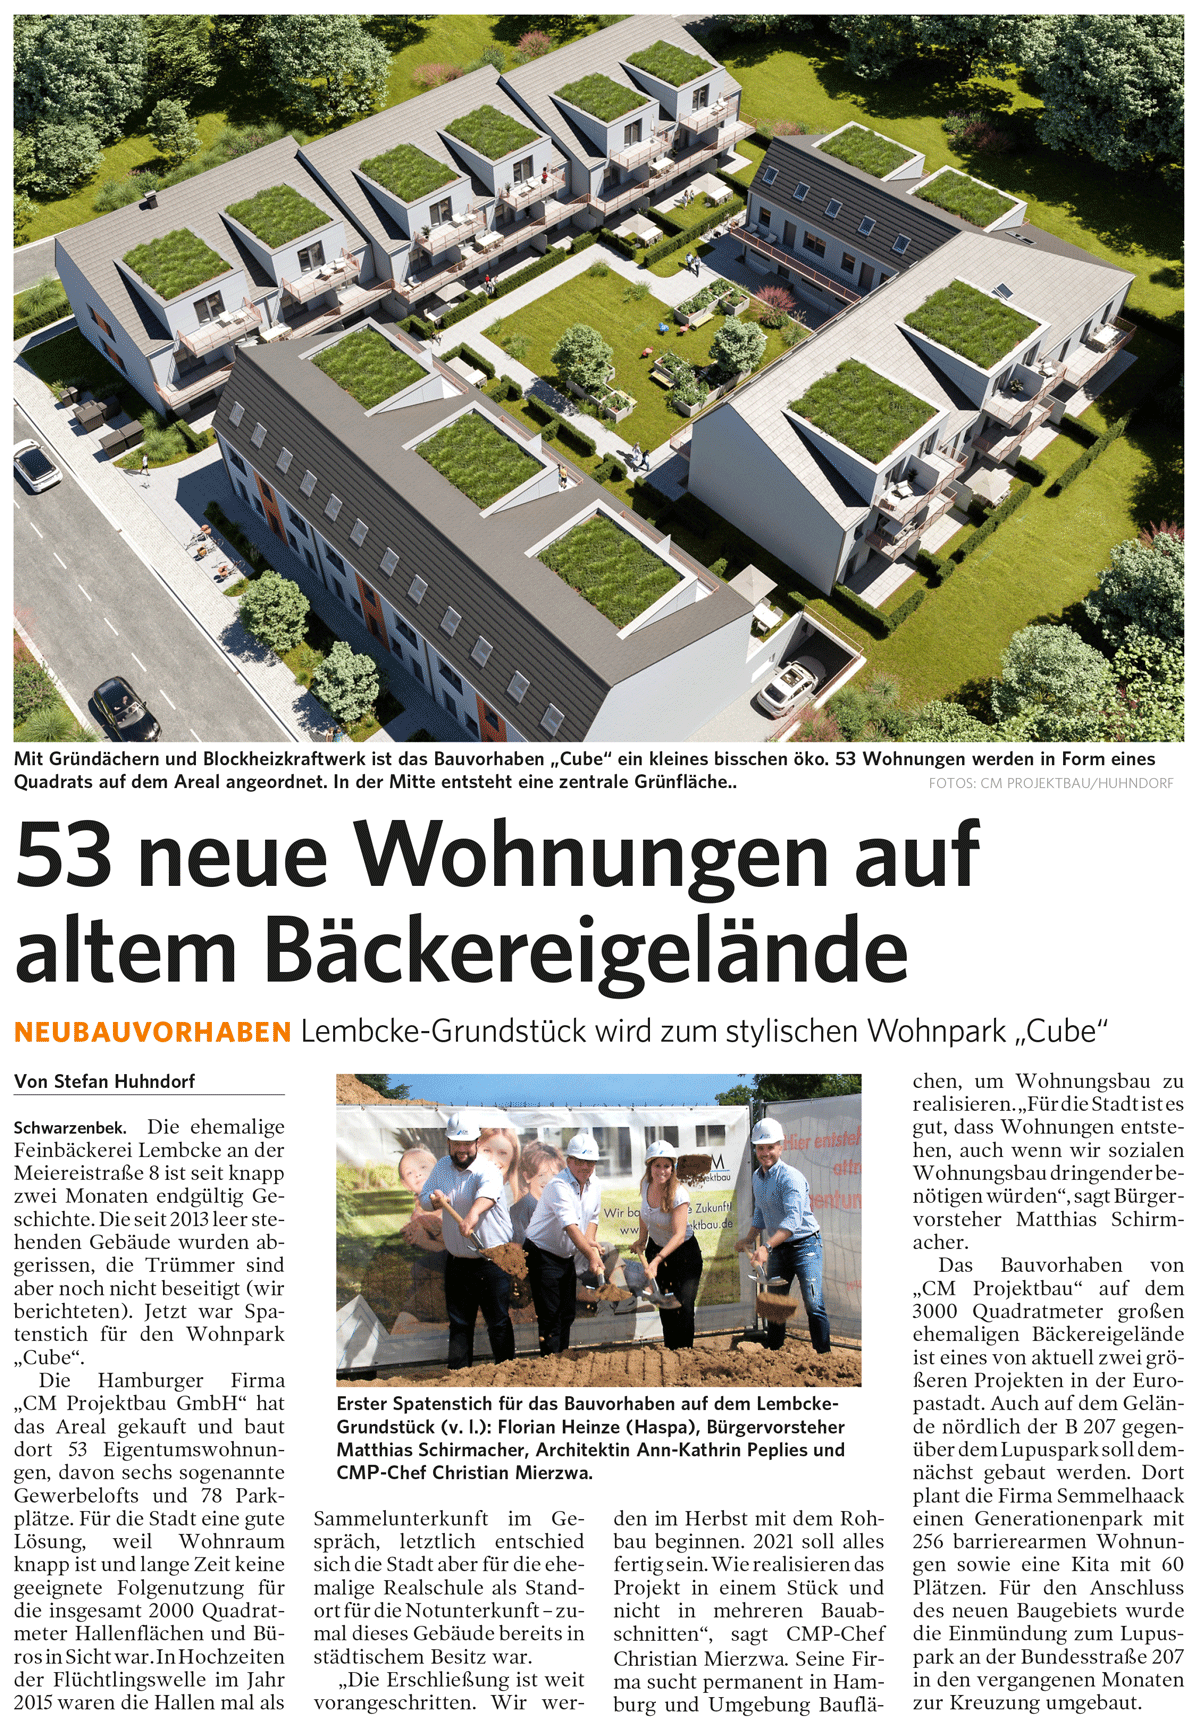 https://www.cm-projektbau.de/wp-content/uploads/2020/07/CMP-Pressemitteilung-Cube.png